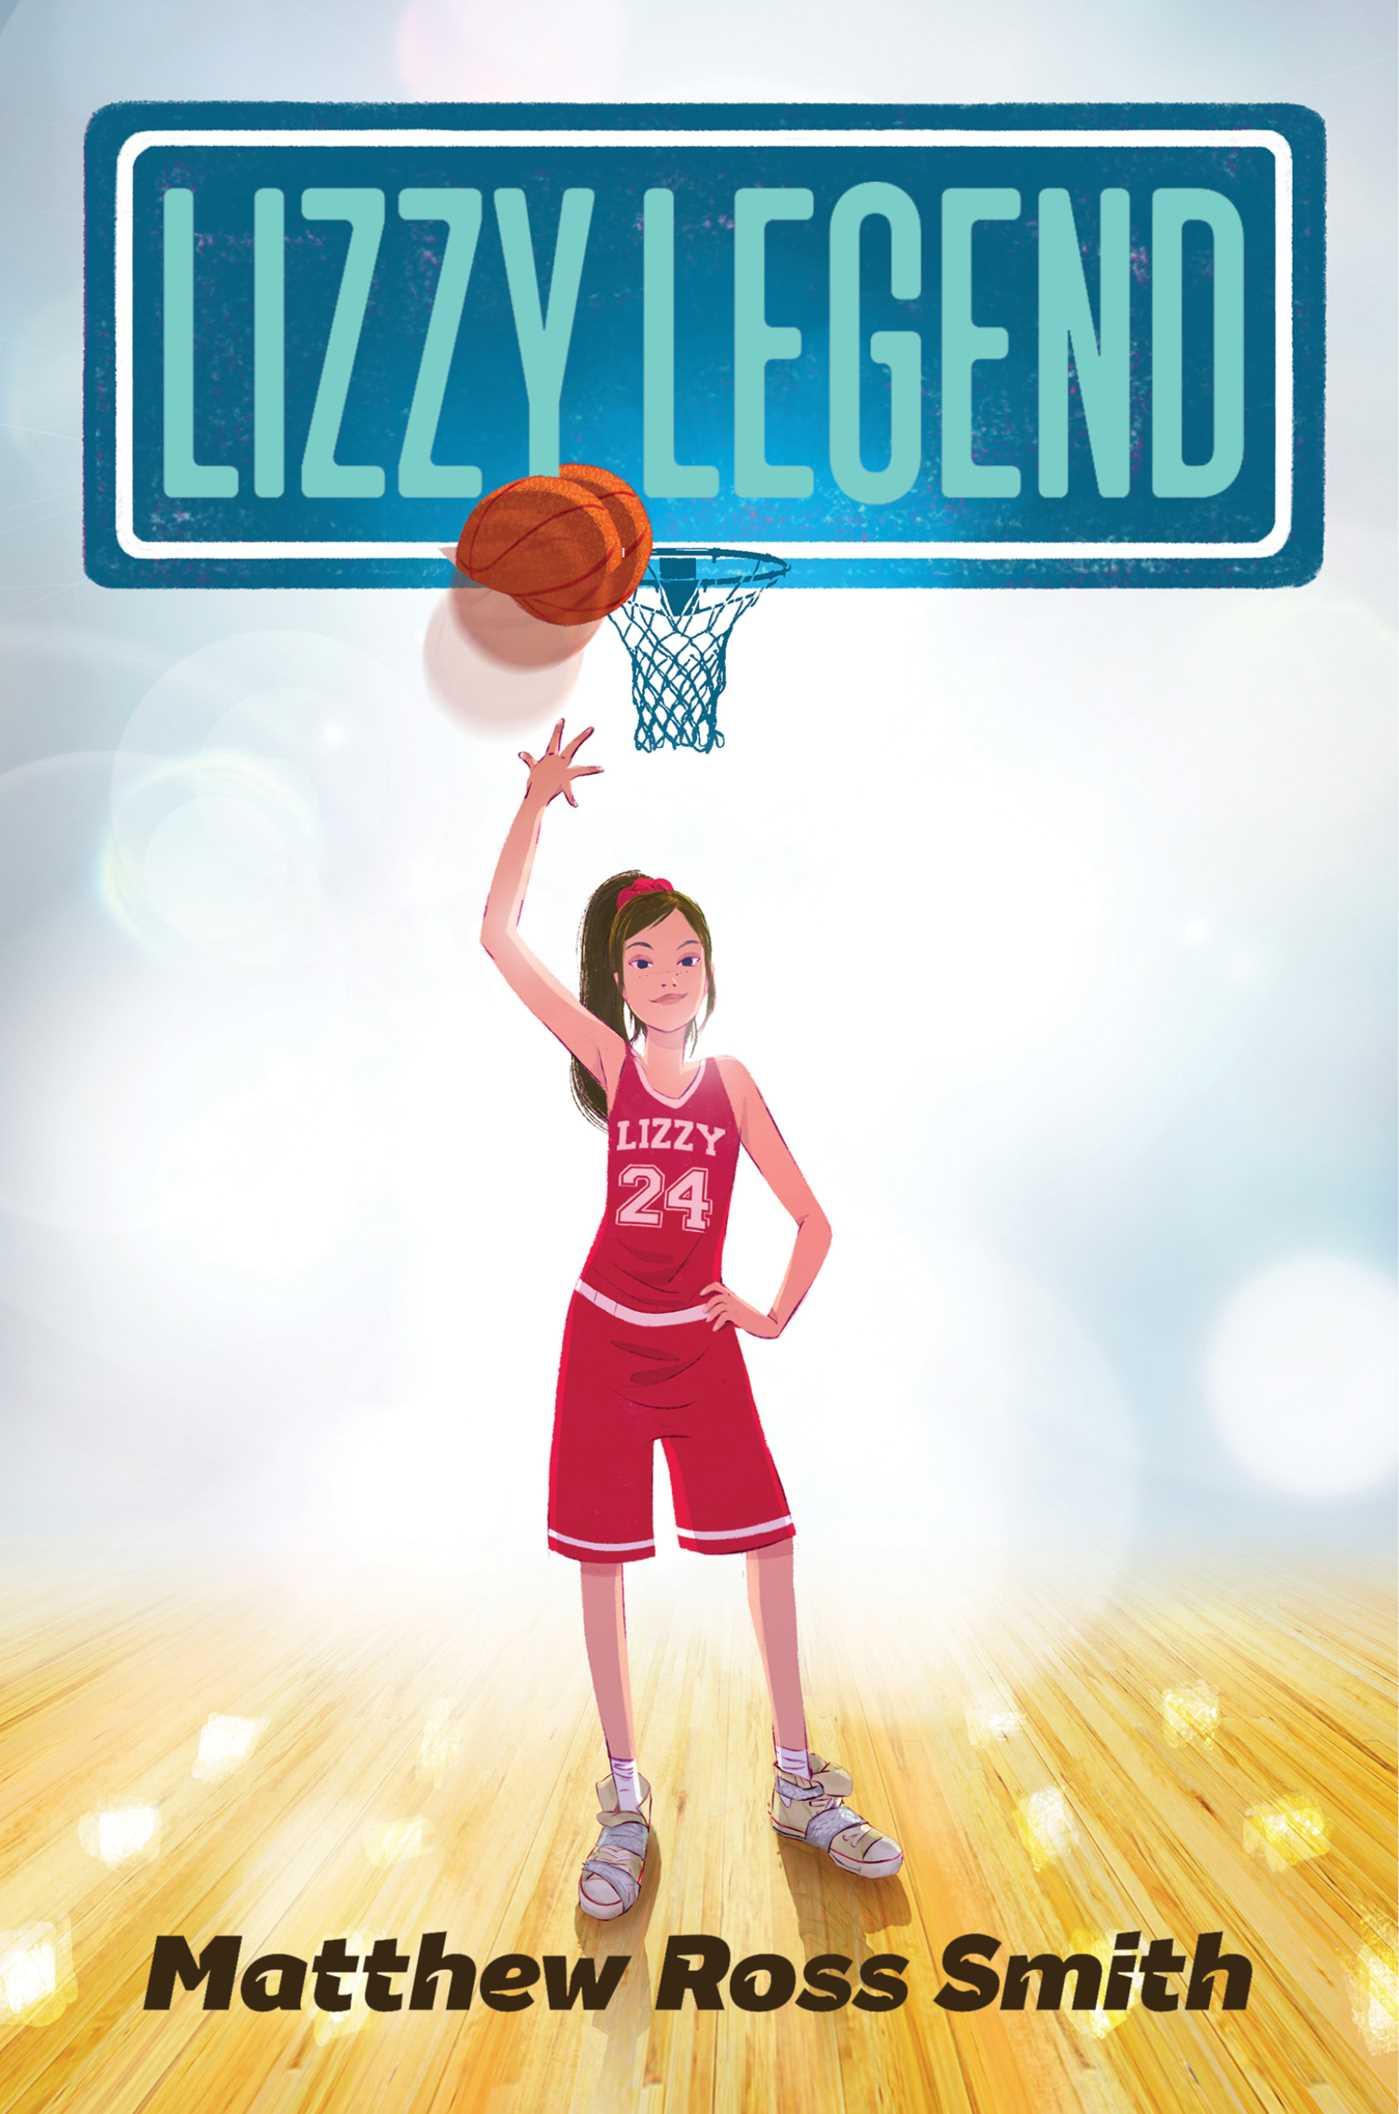 Lizzy legend 9781534420243 hr